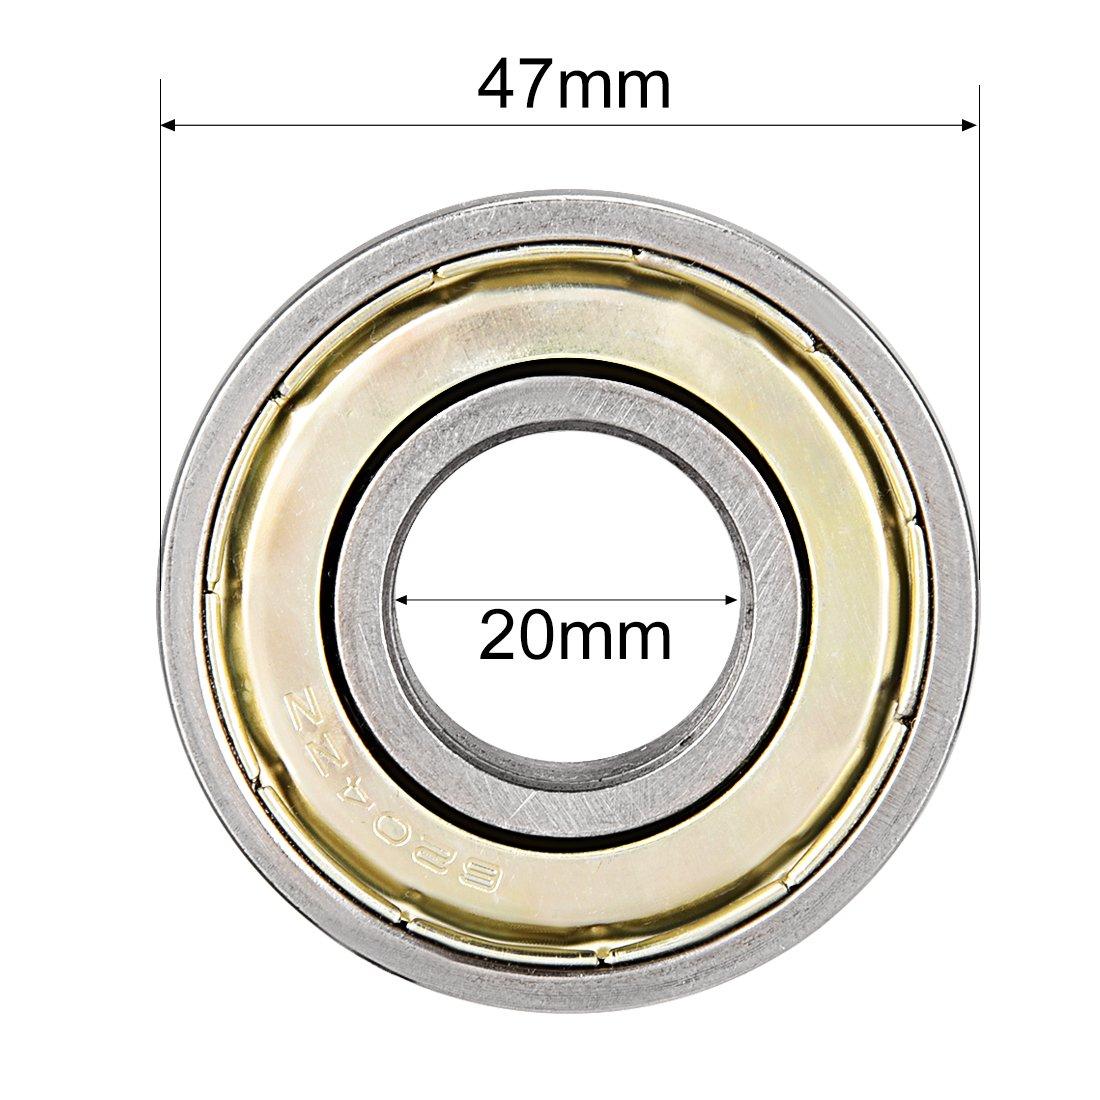 Rillenkugellager 6200RS doppelt versiegelt 10mmx30mmx9mm Kohlenstoffstahl de sourcing map 8Stk